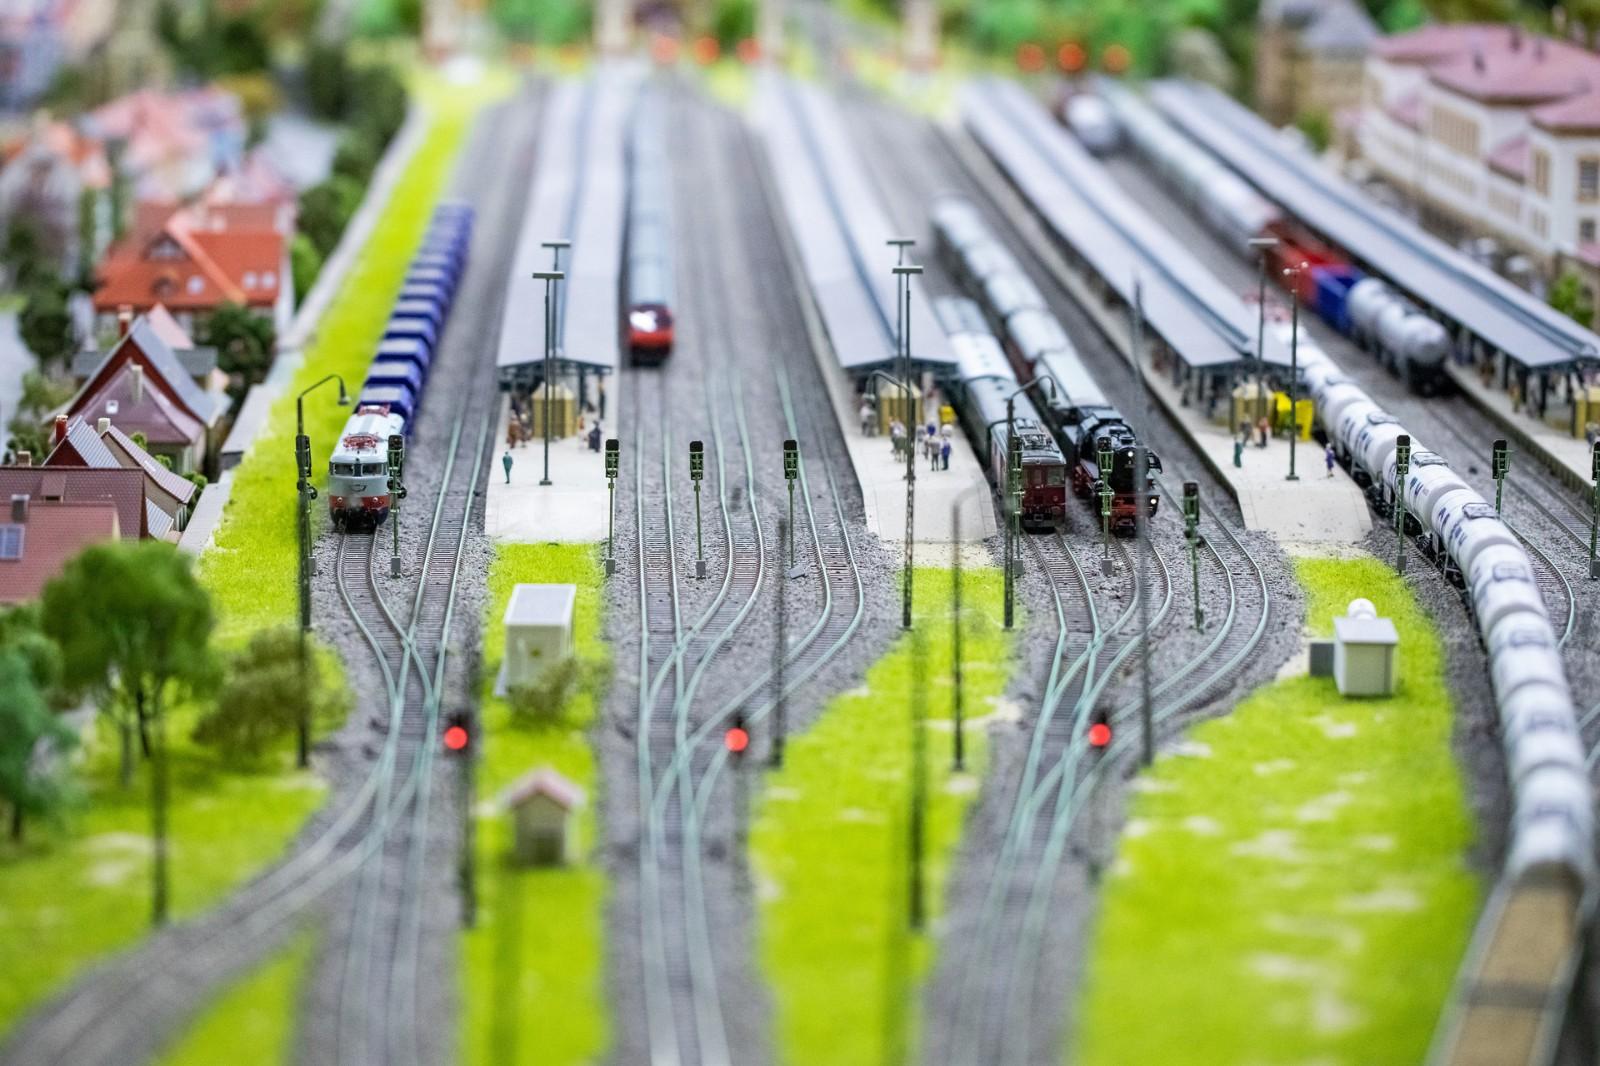 好消息!铁路候补购票服务扩大到全部列车,具体咋操作?看这里!